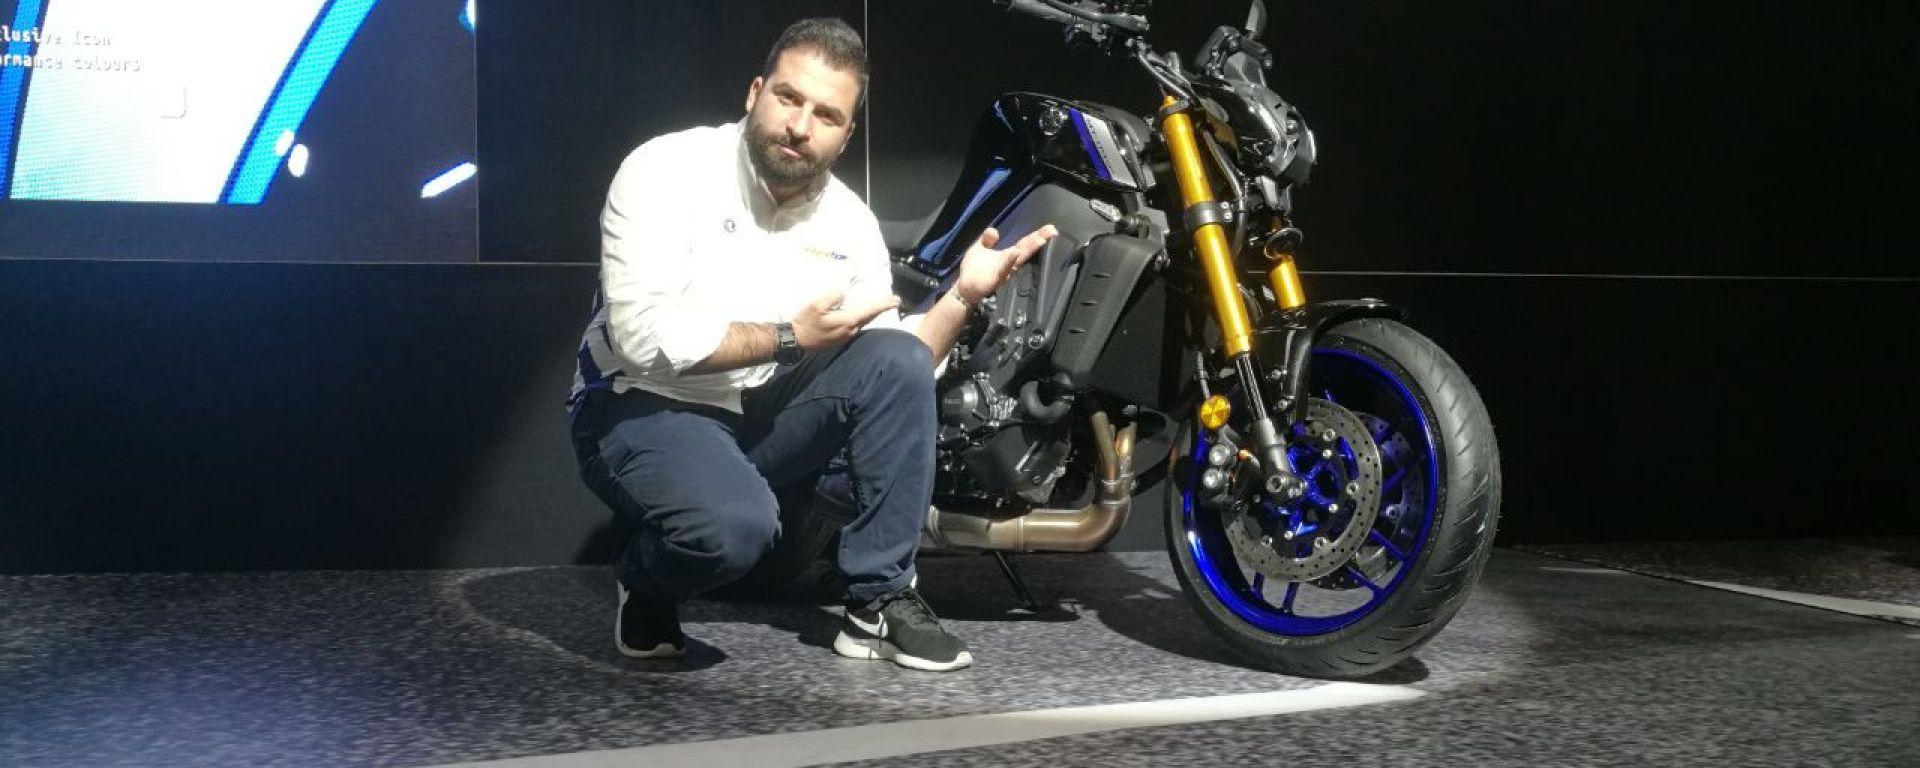 Yamaha MT-09 2021: più potenza, coppia e tecnologia. Ecco quanto costa [VIDEO]